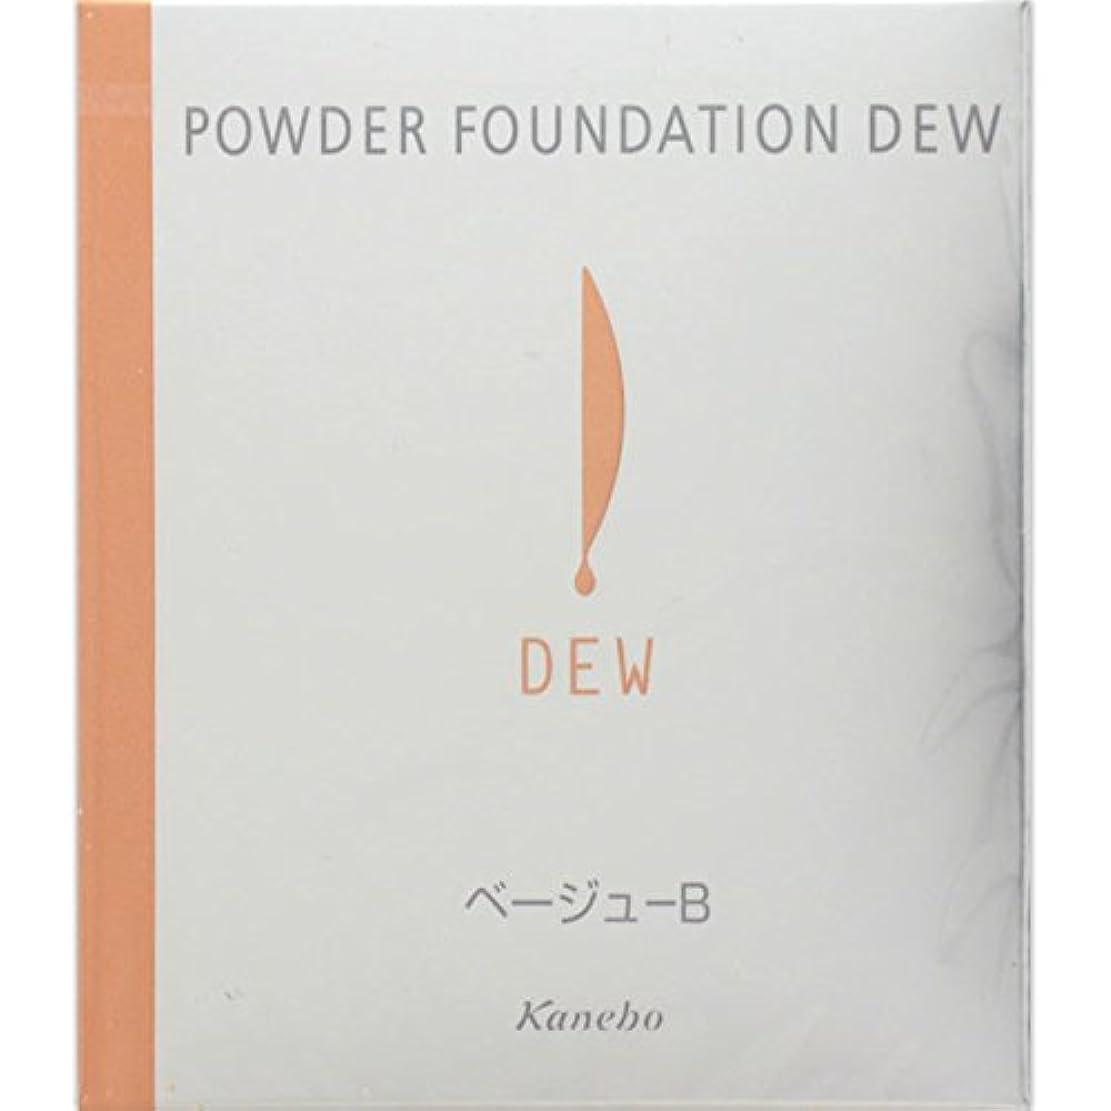 混沌繊毛くちばしカネボウ DEW パウダーファンデーションデュウ (詰め替え用) ベージュB